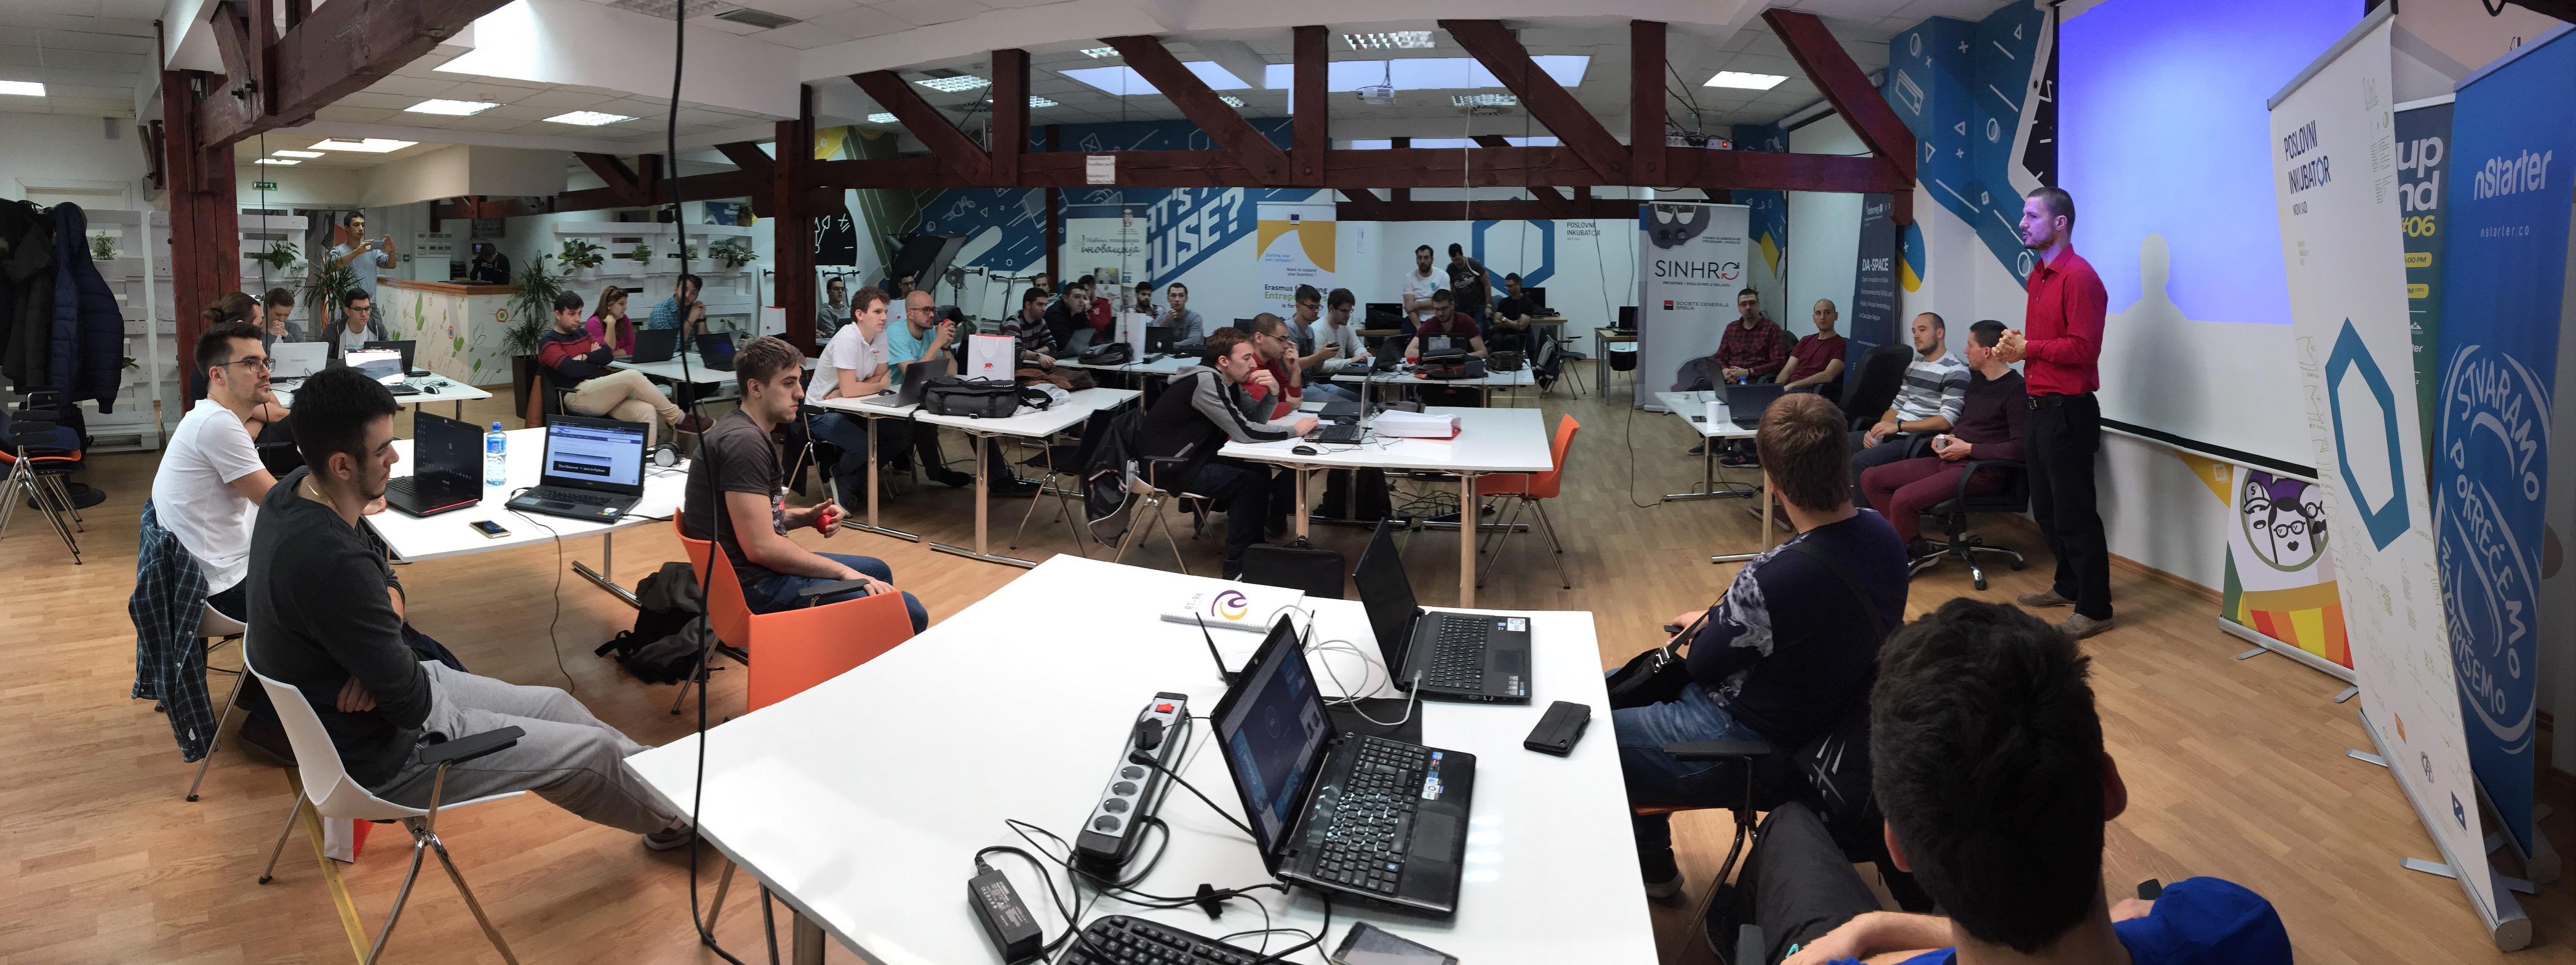 Hackathon_opening_2017-11-04.jpg